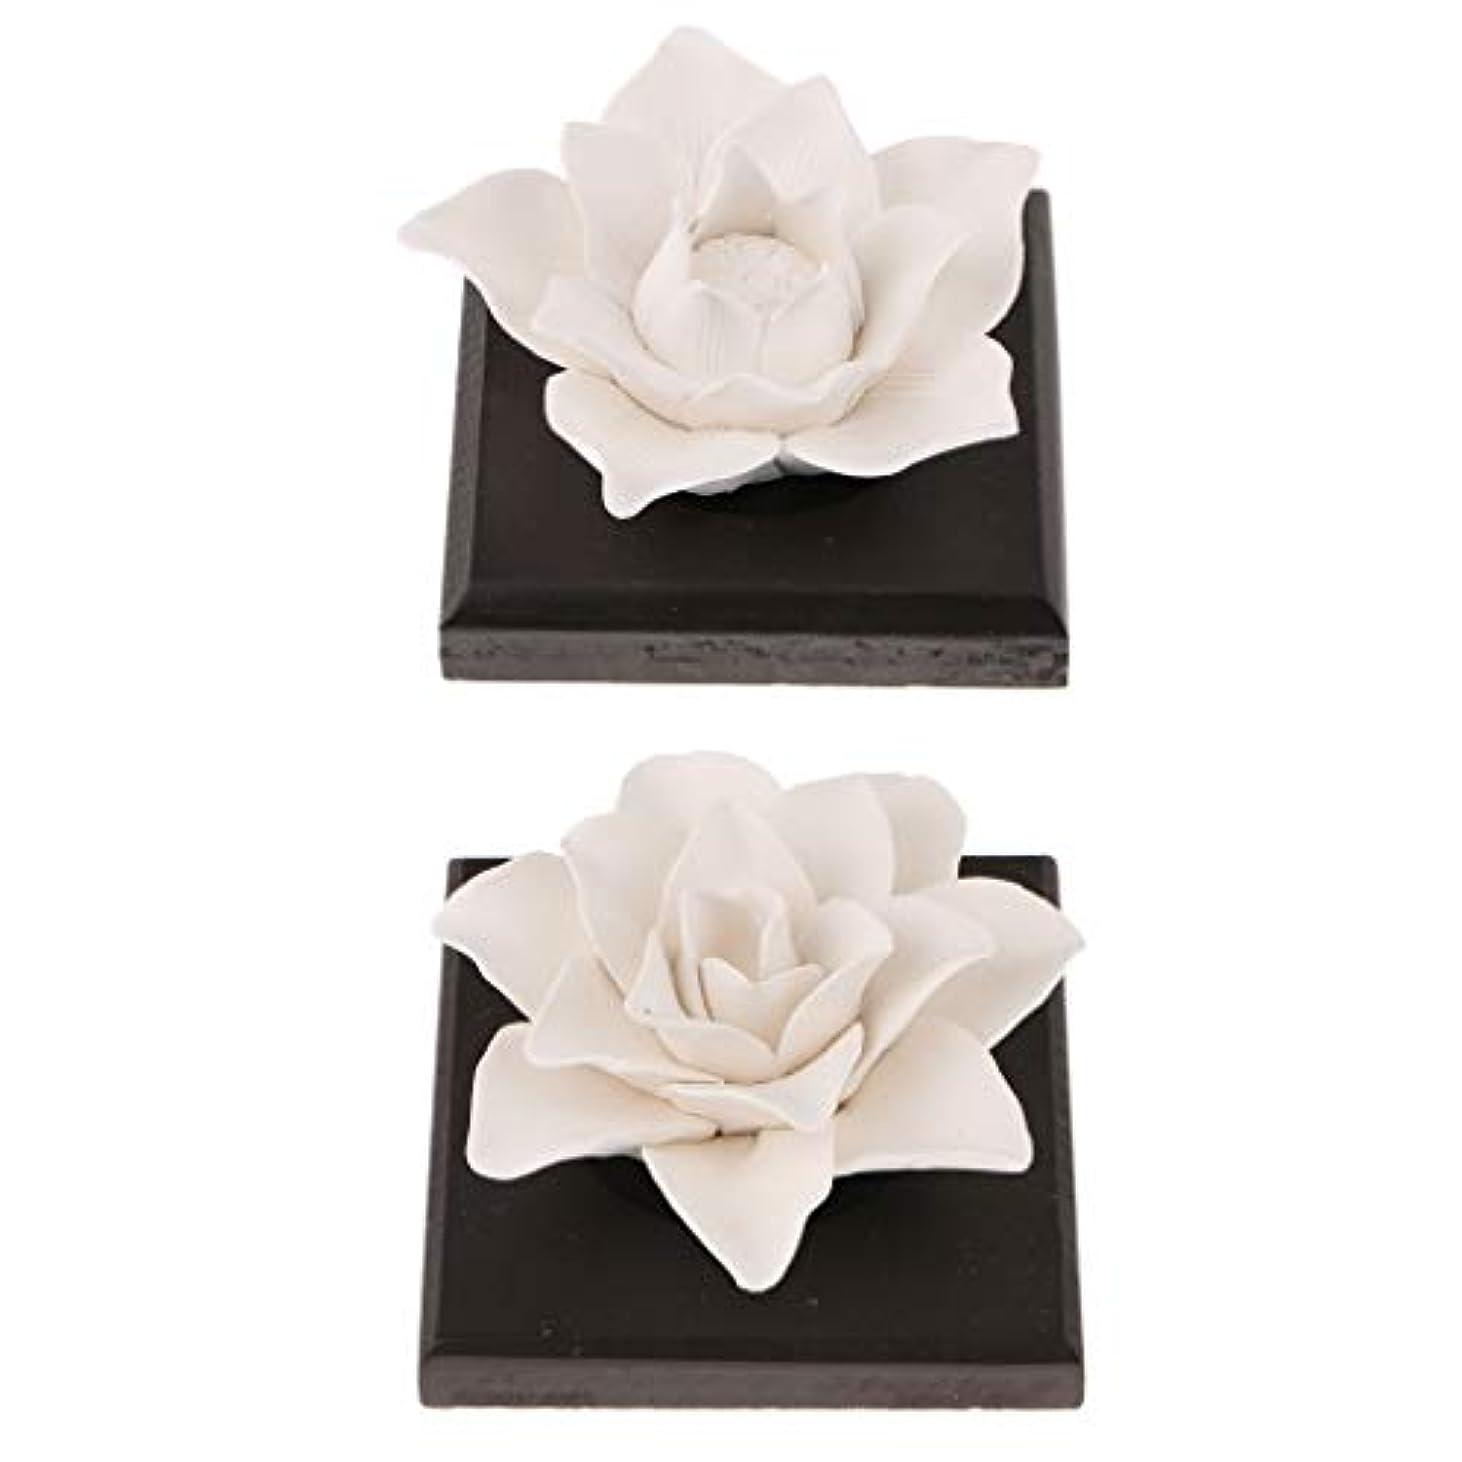 ご意見女性サリーB Blesiya 美しい セラミック 花 エッセンシャルオイル 香水 香り ディフューザー 装飾品 2個